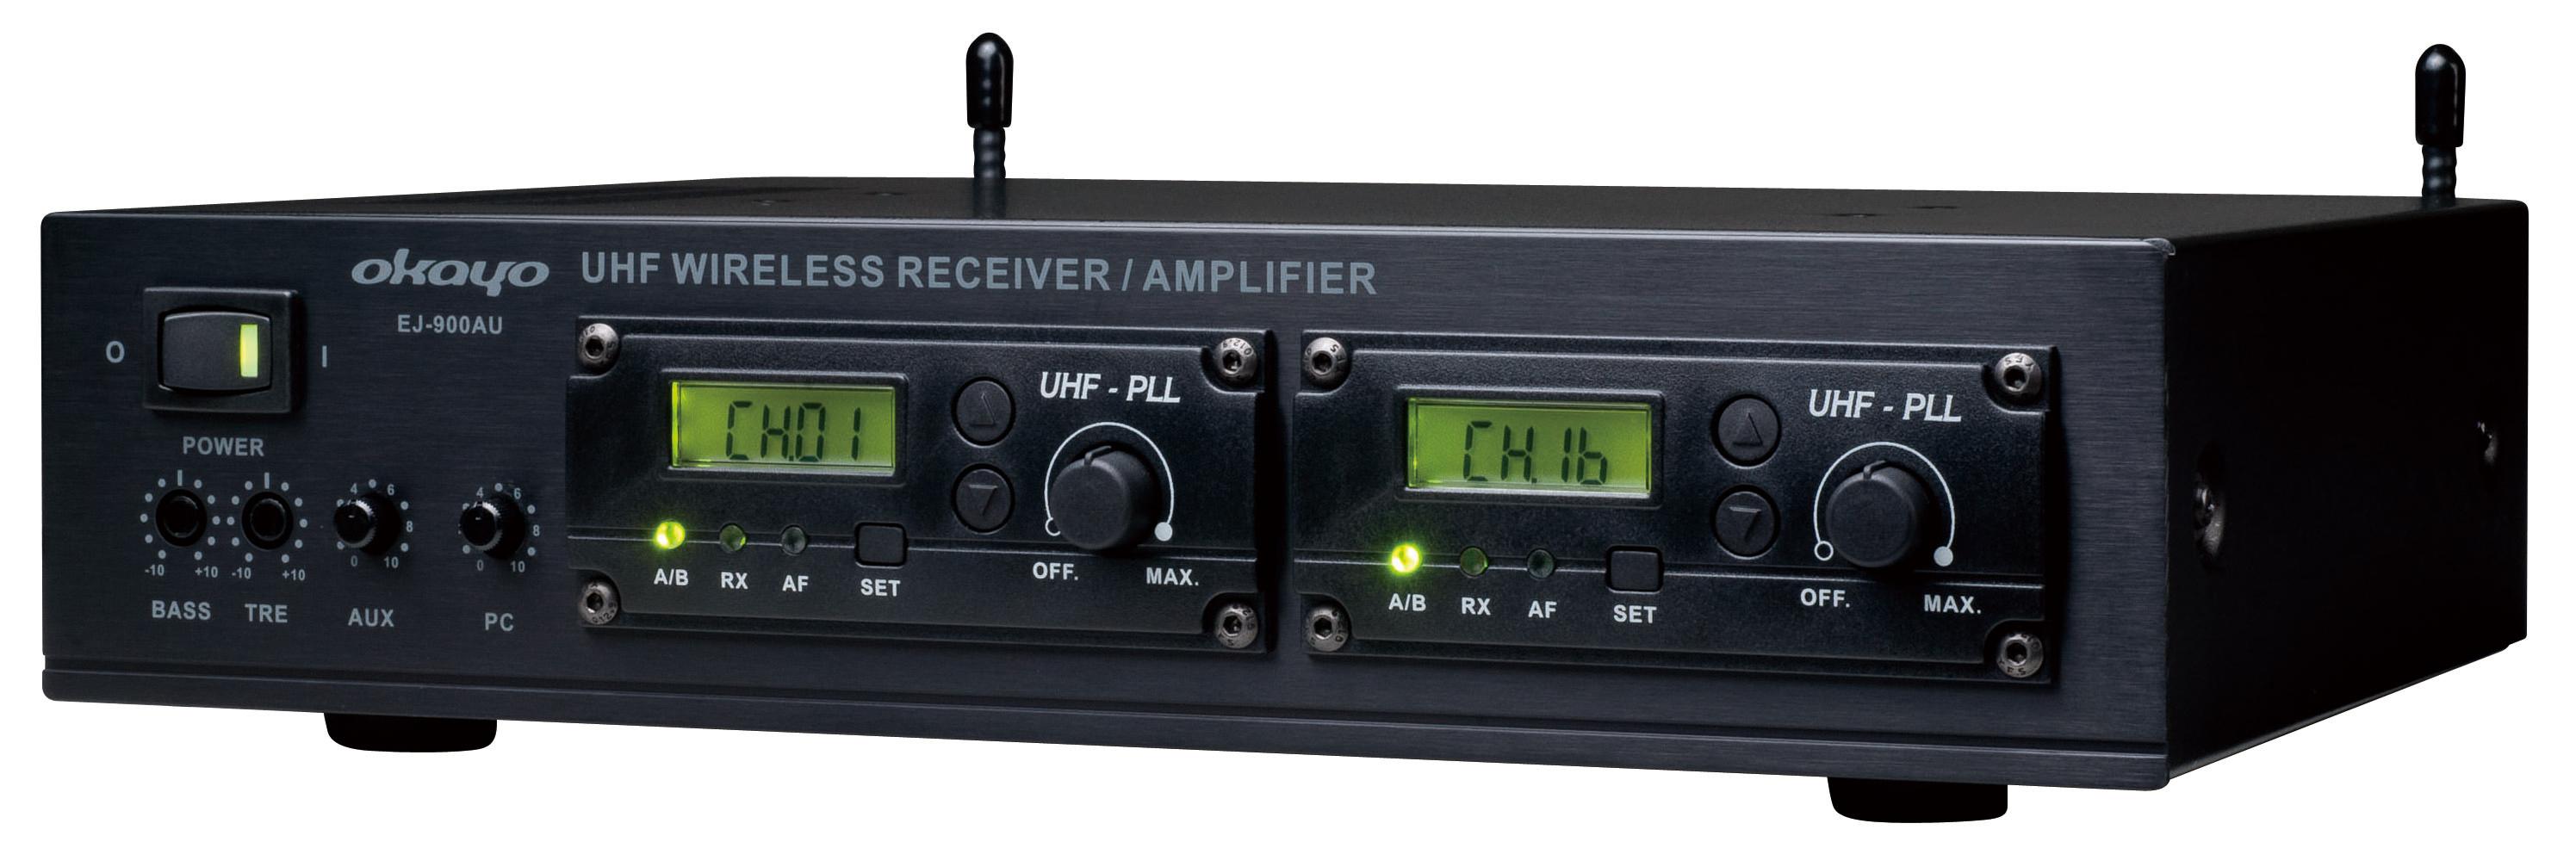 EJ-900AU FM